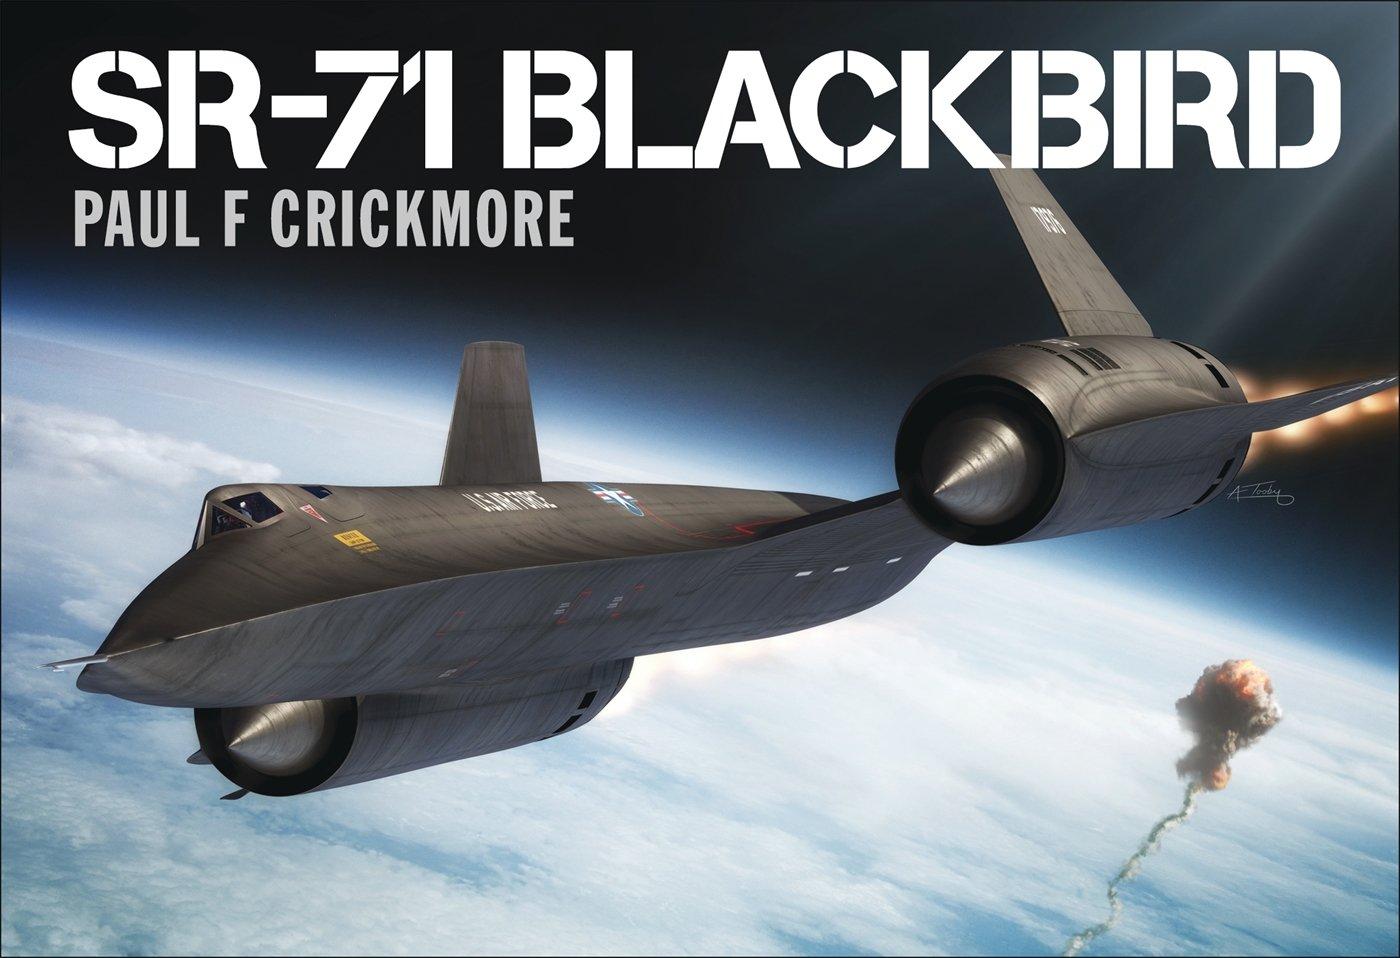 SR-71 Blackbird (General Aviation) Hardcover – May 24, 2016